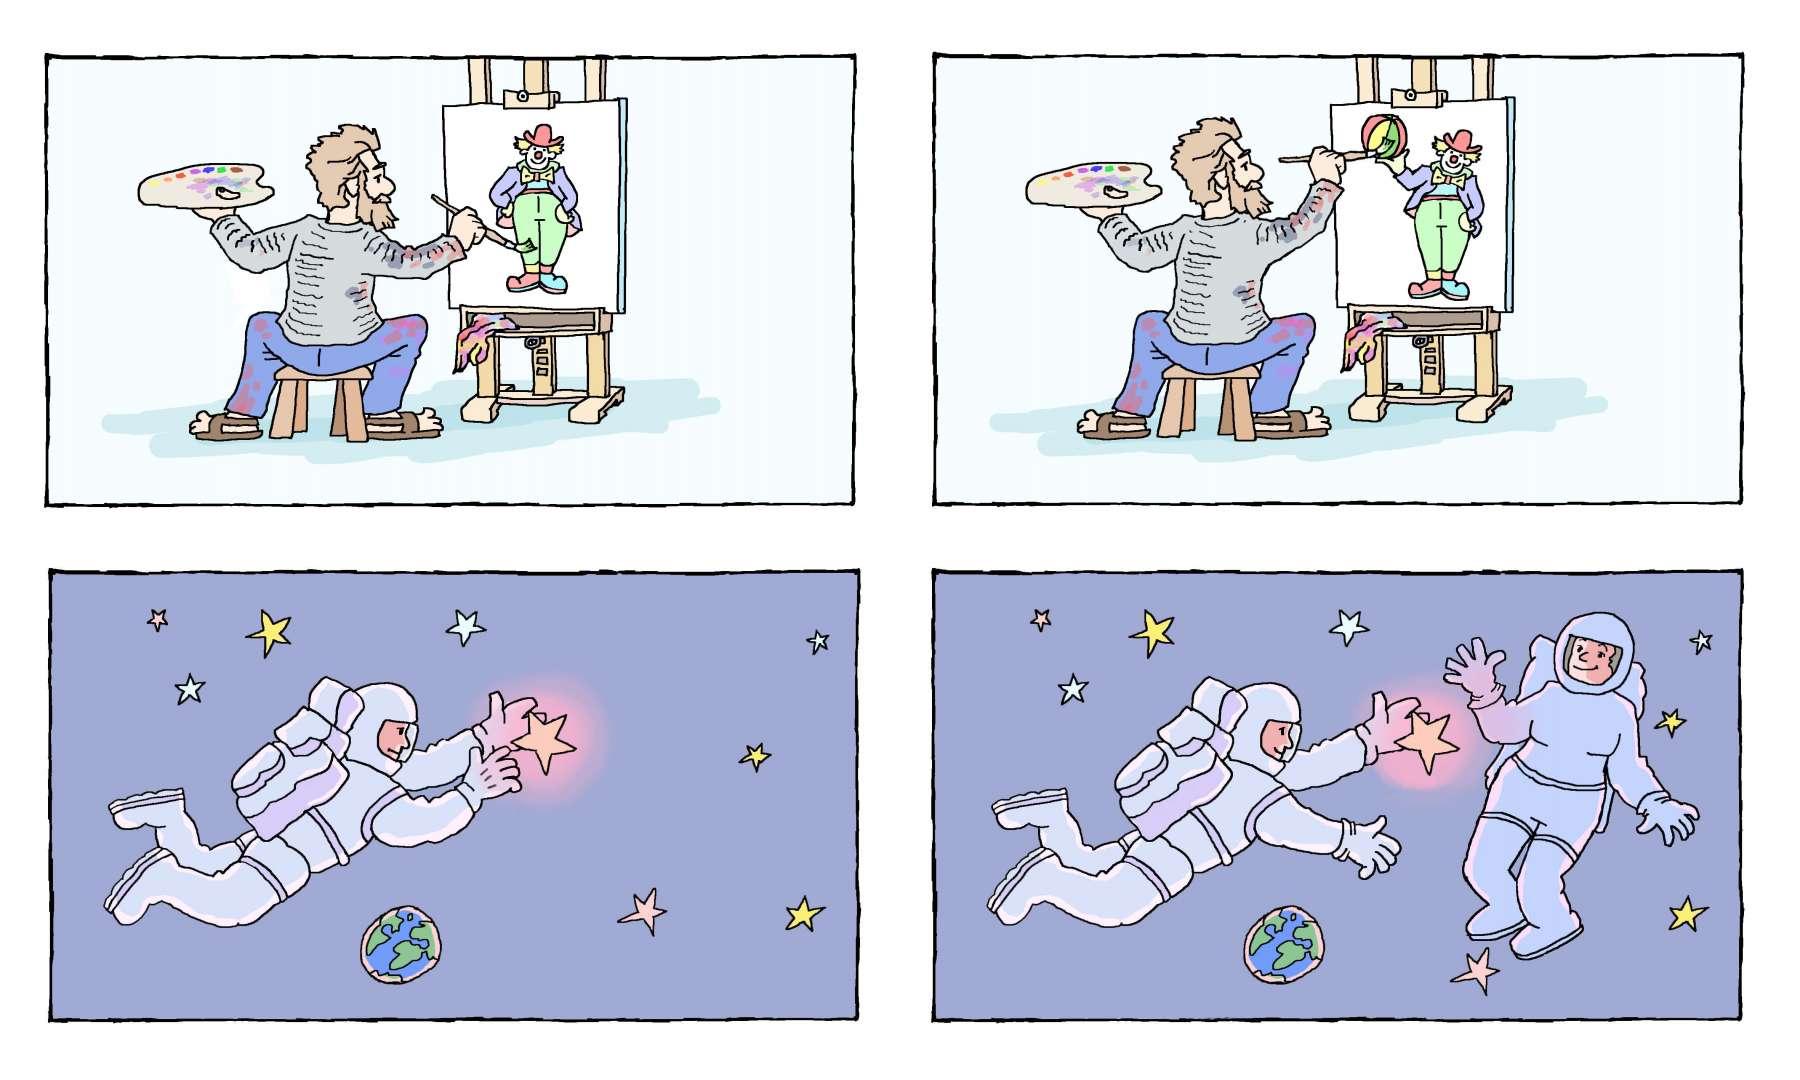 de schilder schildert de clown - de schilder schildert de bal van de clown<br>de astronaut plukt een ster - de astronaut plukt een ster voor de austronautenvrouw